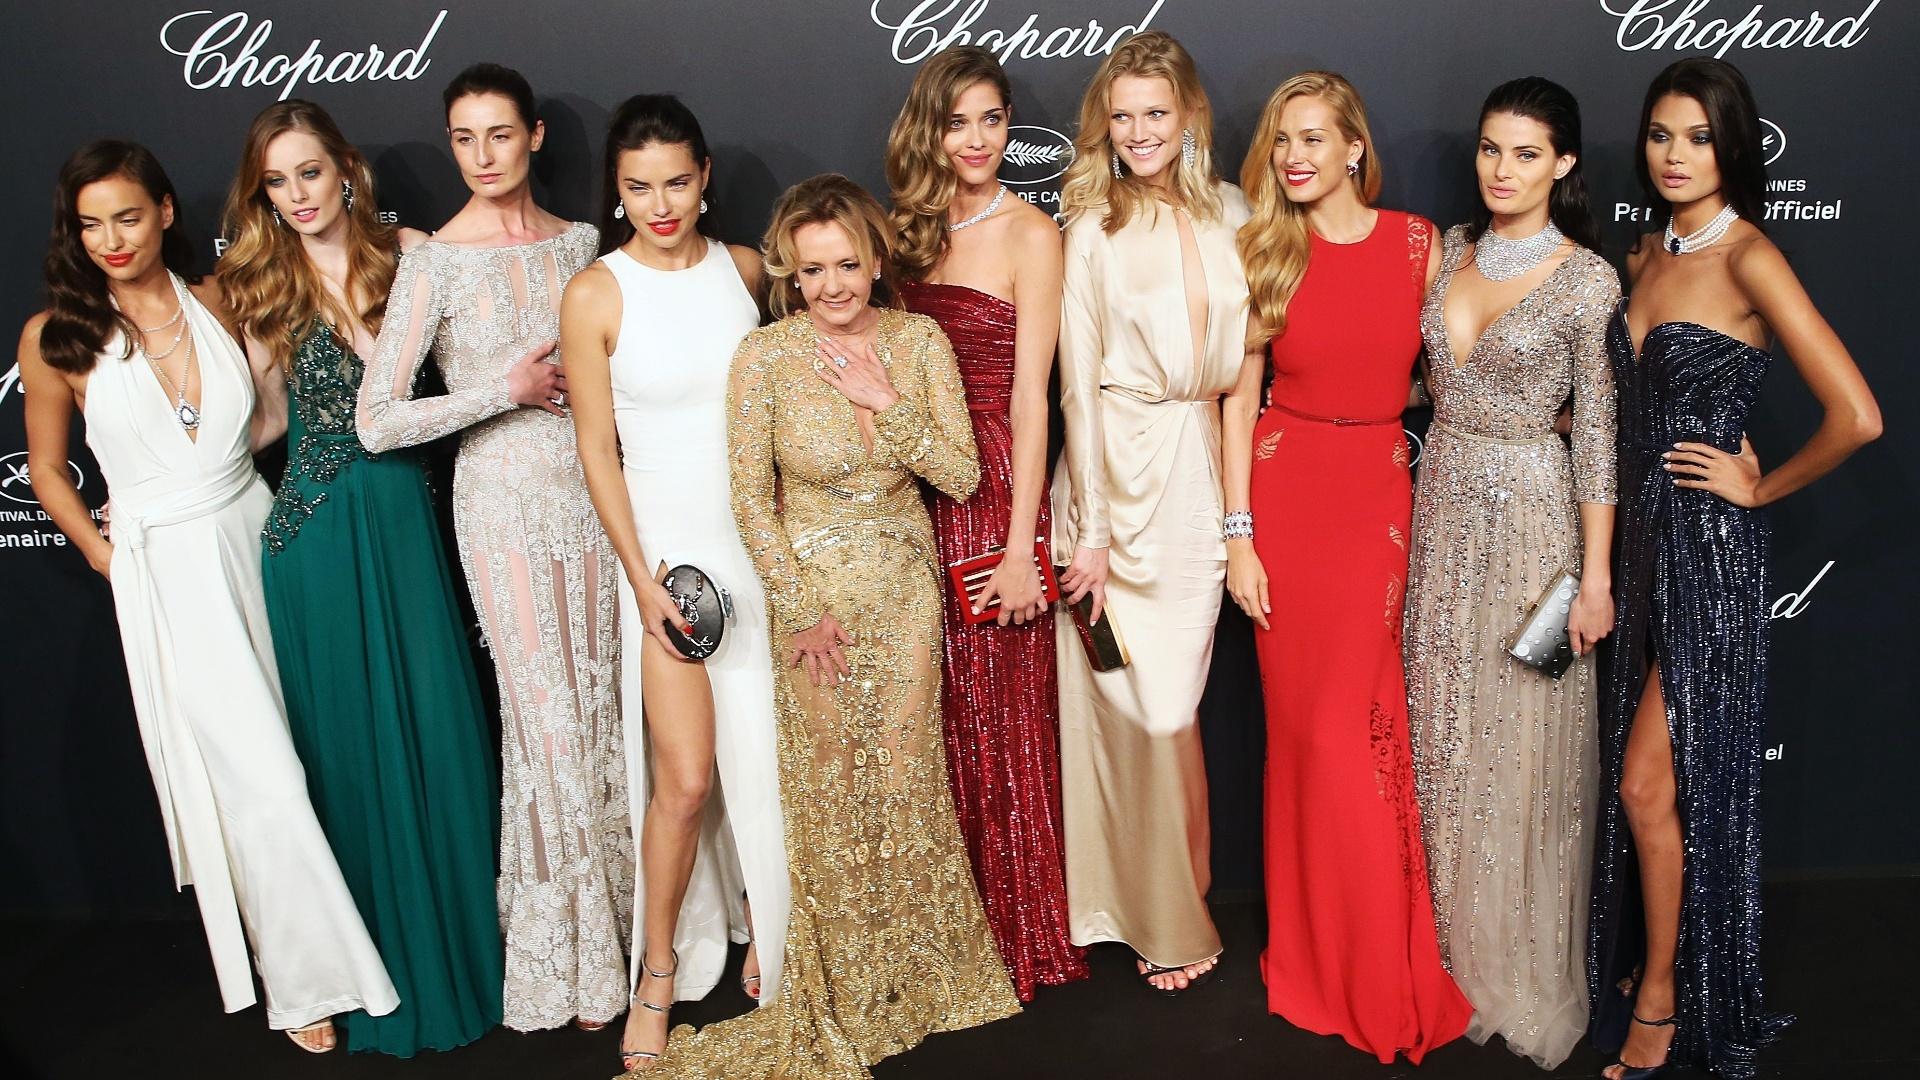 18.mai.2015 - Na noite desta segunda-feira (18), a festa da Chopard Gold Party, que aconteceu durante o sexto dia do 68° Festival de Cannes, reuniu beldades como as modelos Adriana Lima, Irina Shayk e Isabeli Fontana